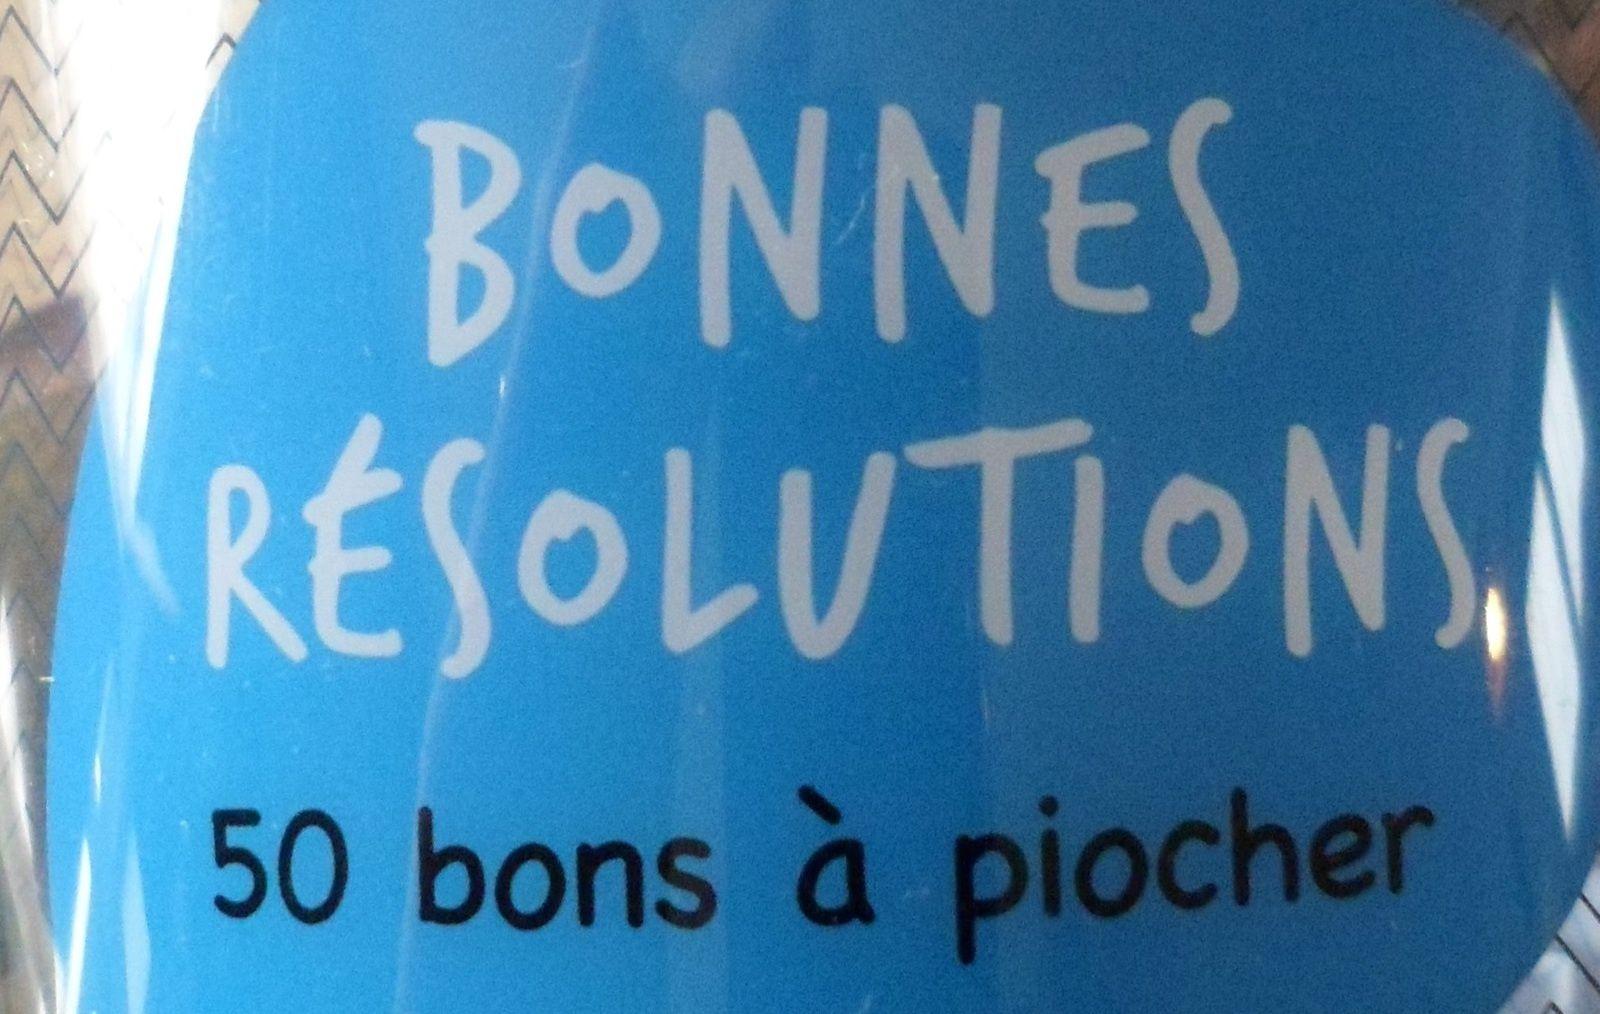 Bonnes résolutions #36